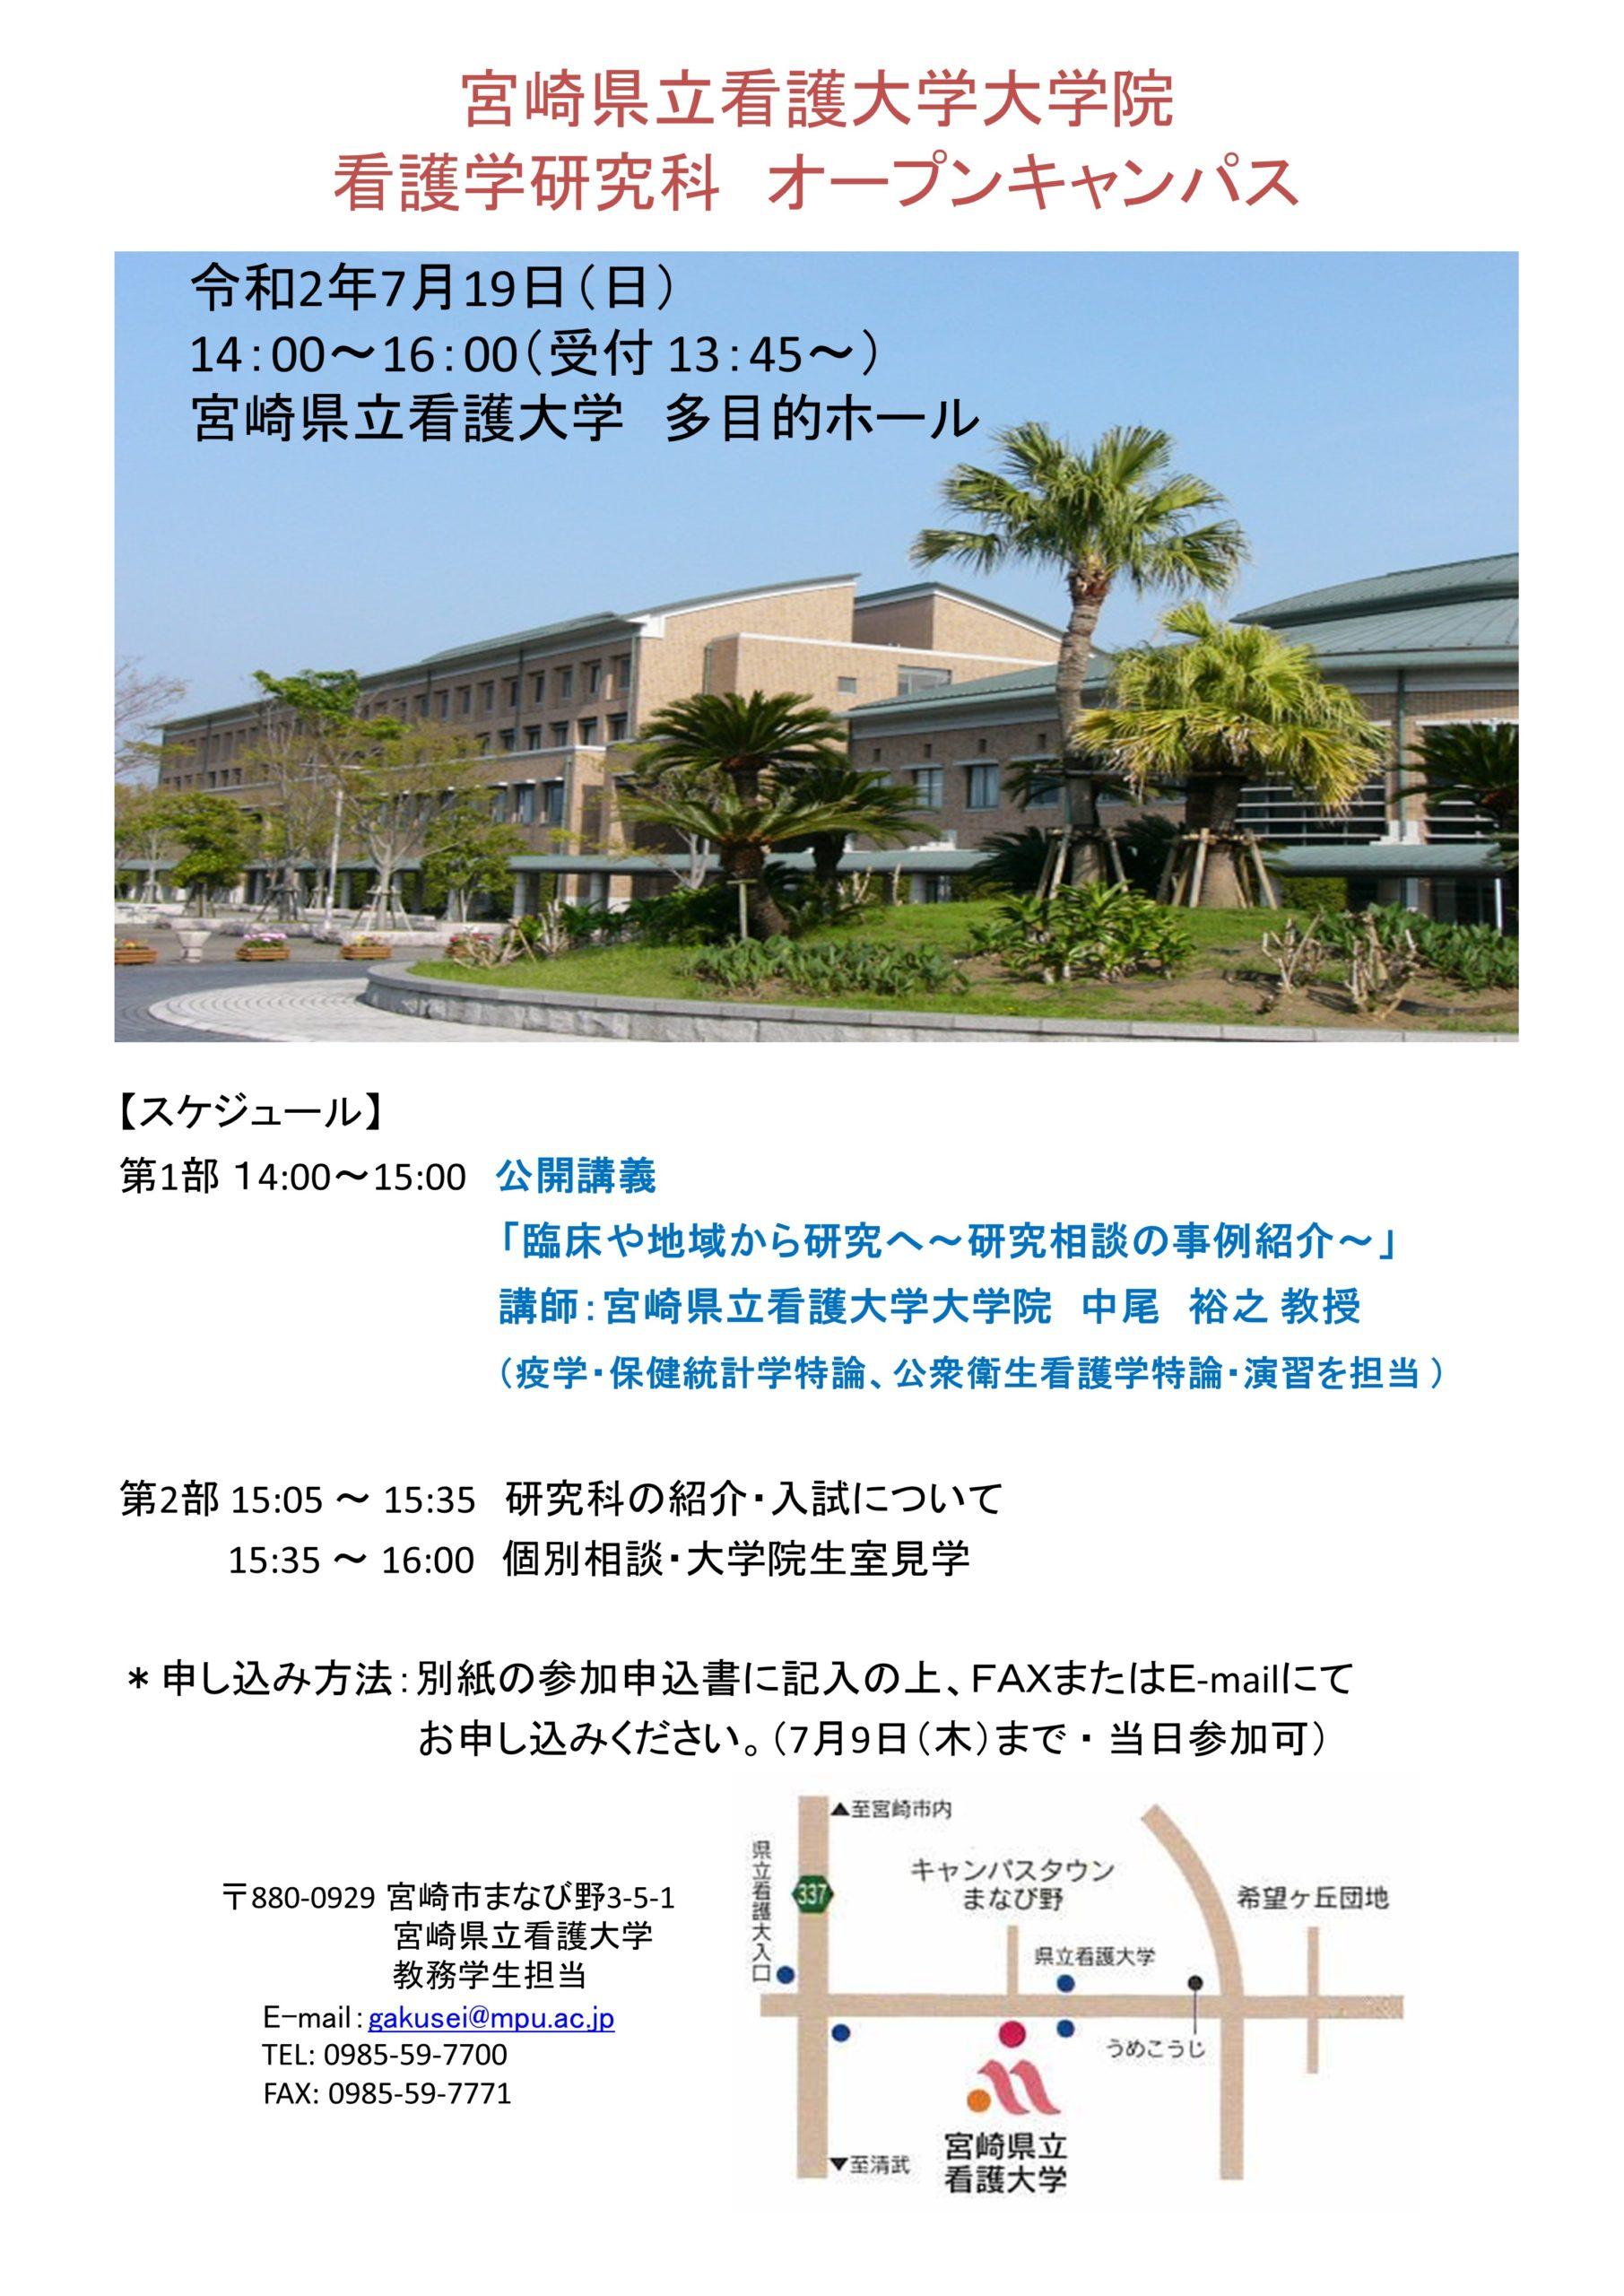 大学院看護学研究科オープンキャンパス